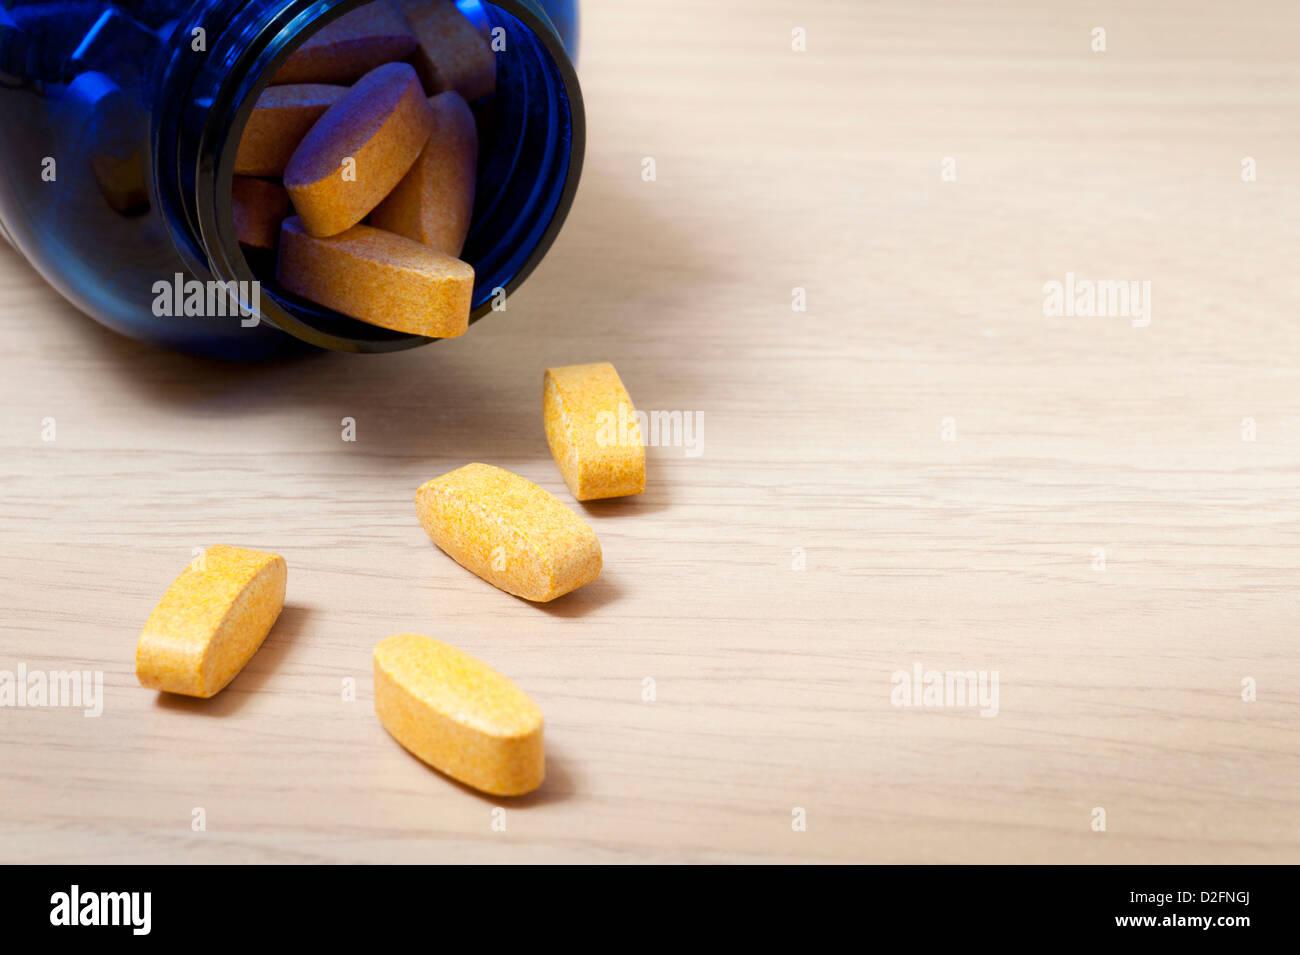 Bottiglia blu di giallo vitamina pillole con alcuni fuoriuscita sul tavolo Immagini Stock